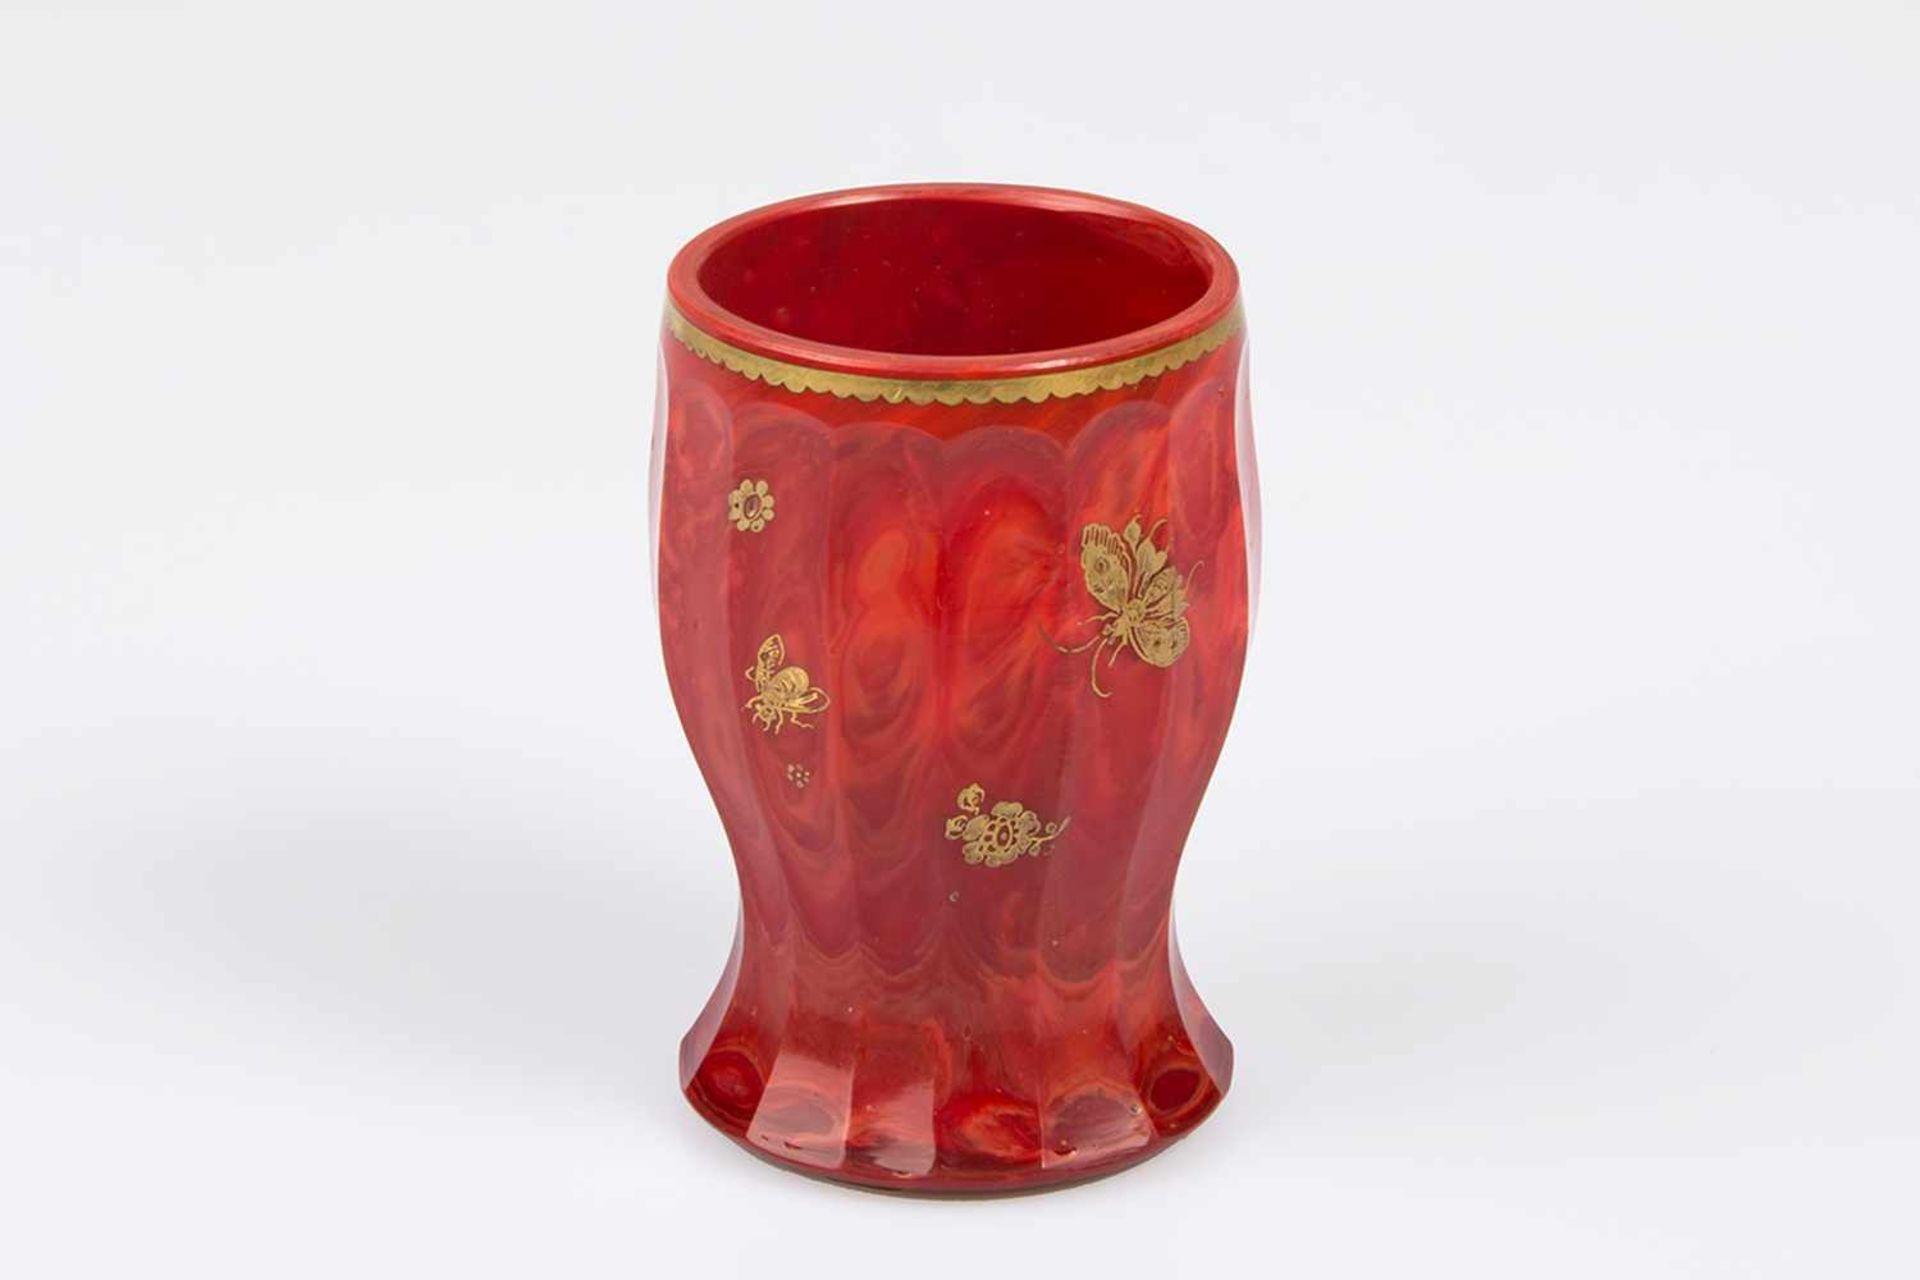 Los 46 - Becher aus Hyalith ziegelrotes facettiertes Glas mit Marmorierung, gold geziert, gold gerändert,